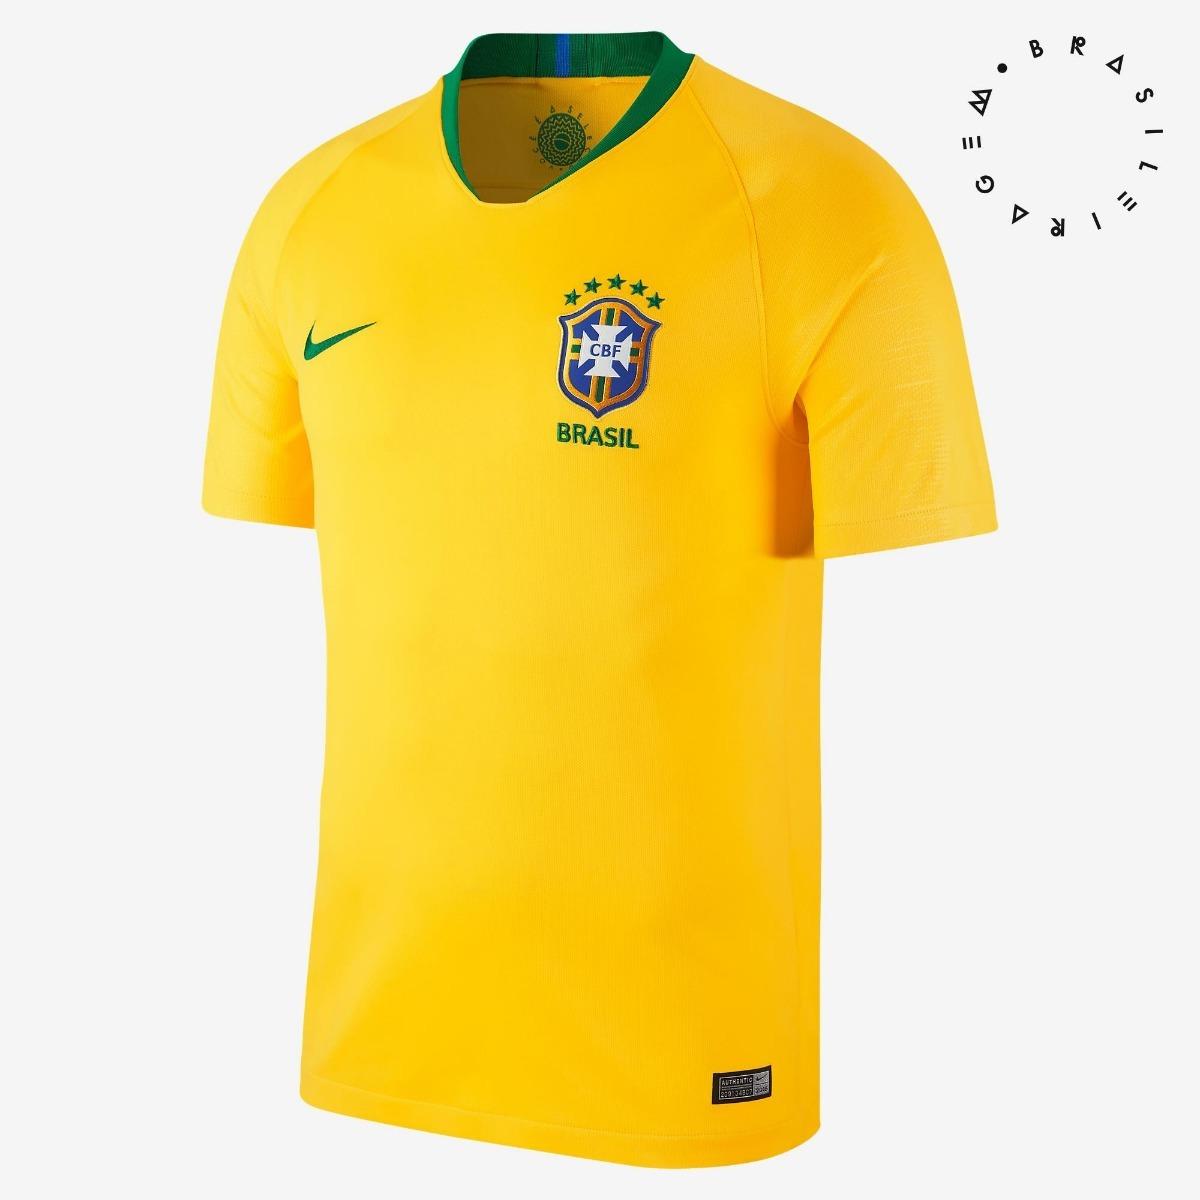 camisa seleção brasileira nike oficial original 2018 19 nfe. Carregando  zoom. e793a45b5afae